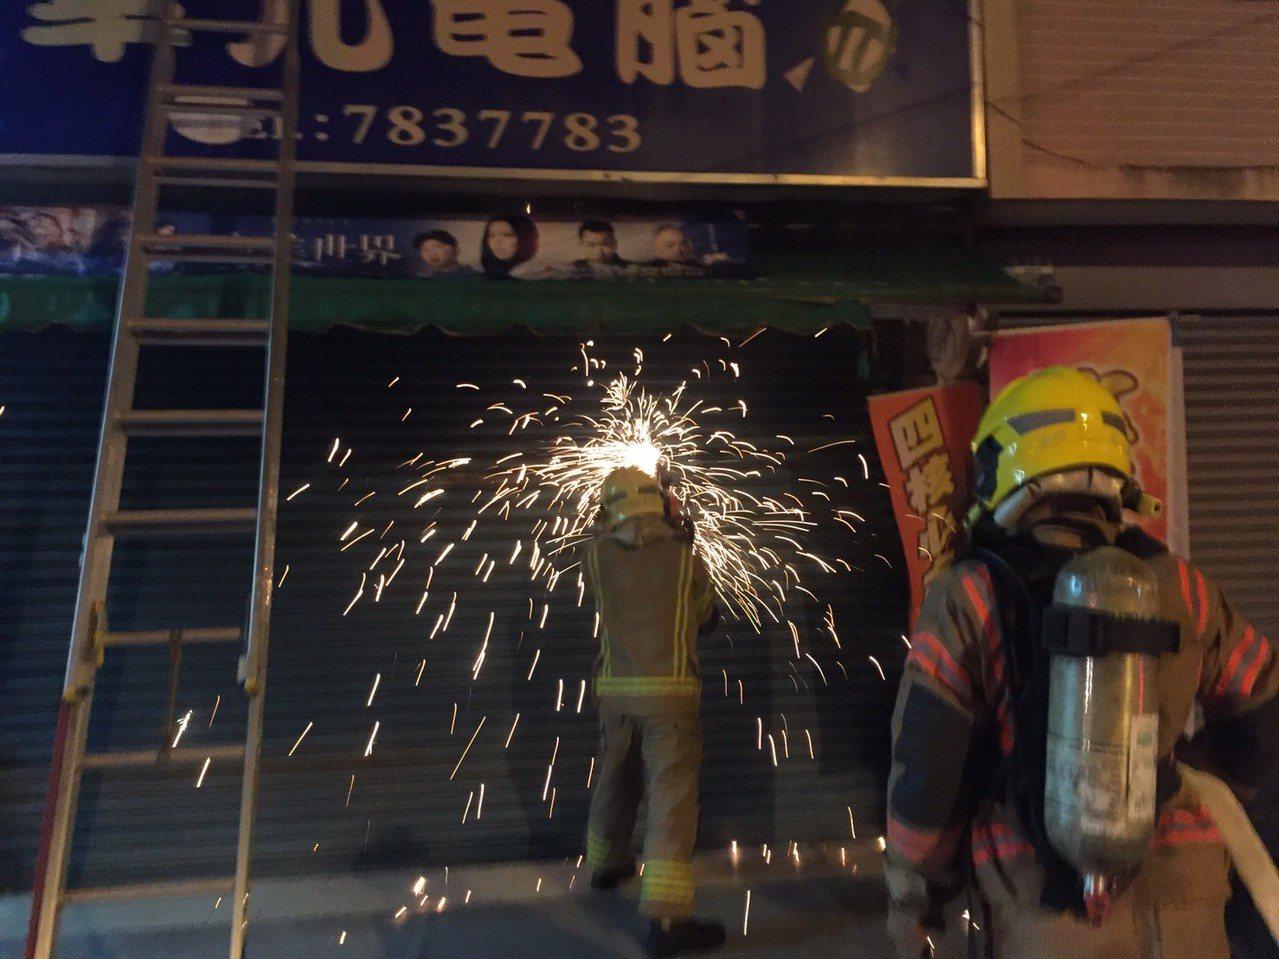 台南市學甲區一家電腦行凌晨發生火警,屋主一家3人受困二樓,消防人員破門及時救出。...